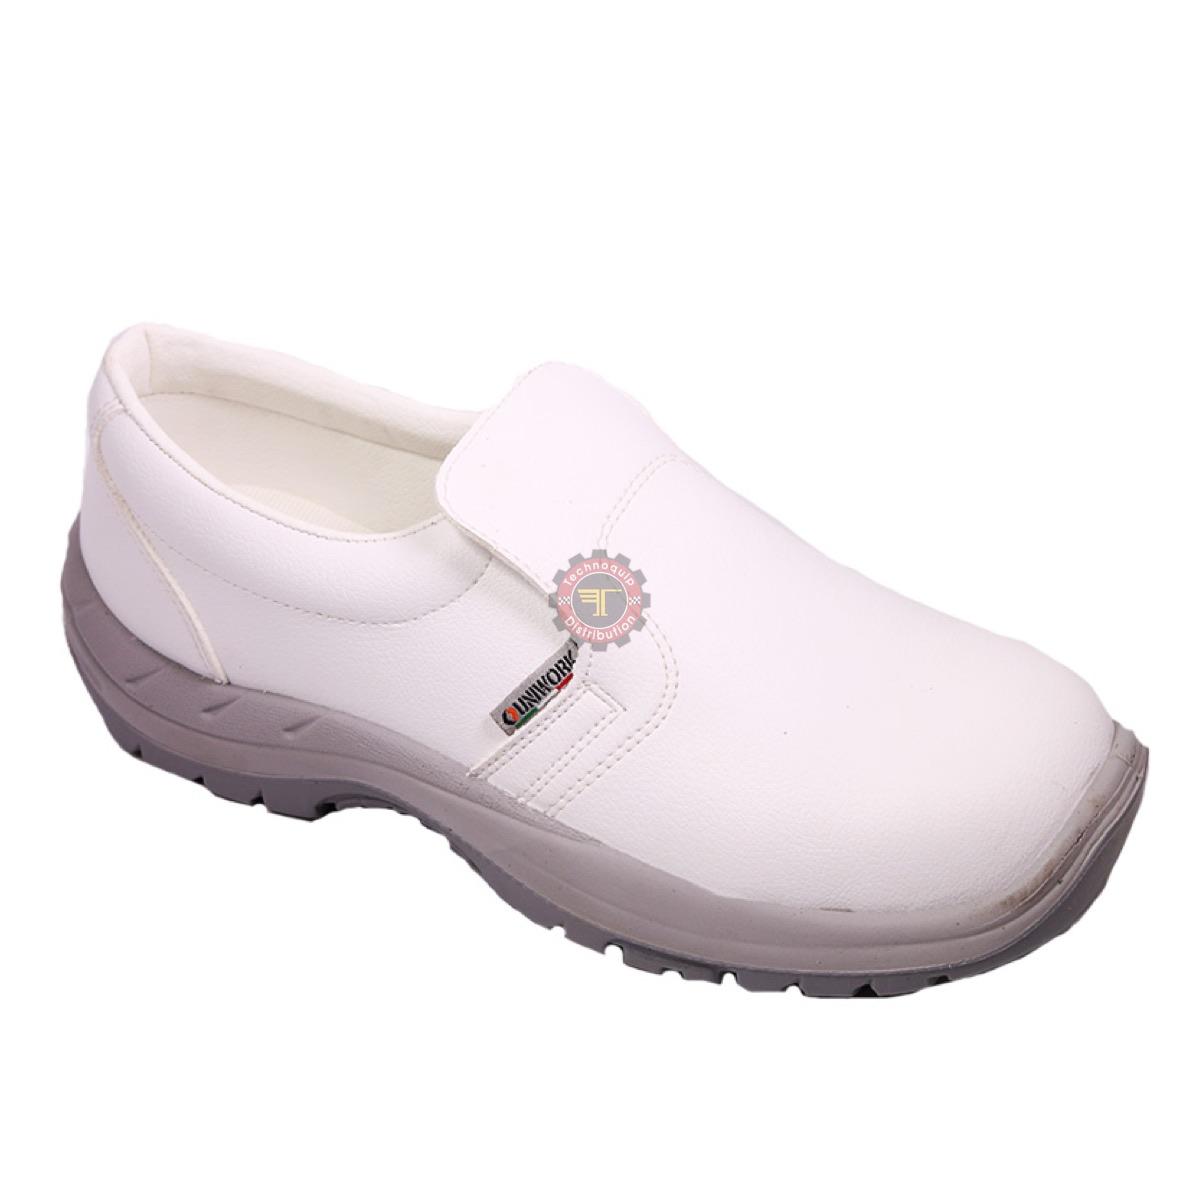 nouveau concept ff8e5 aecfb Chaussure de sécurité blanche Stella S2